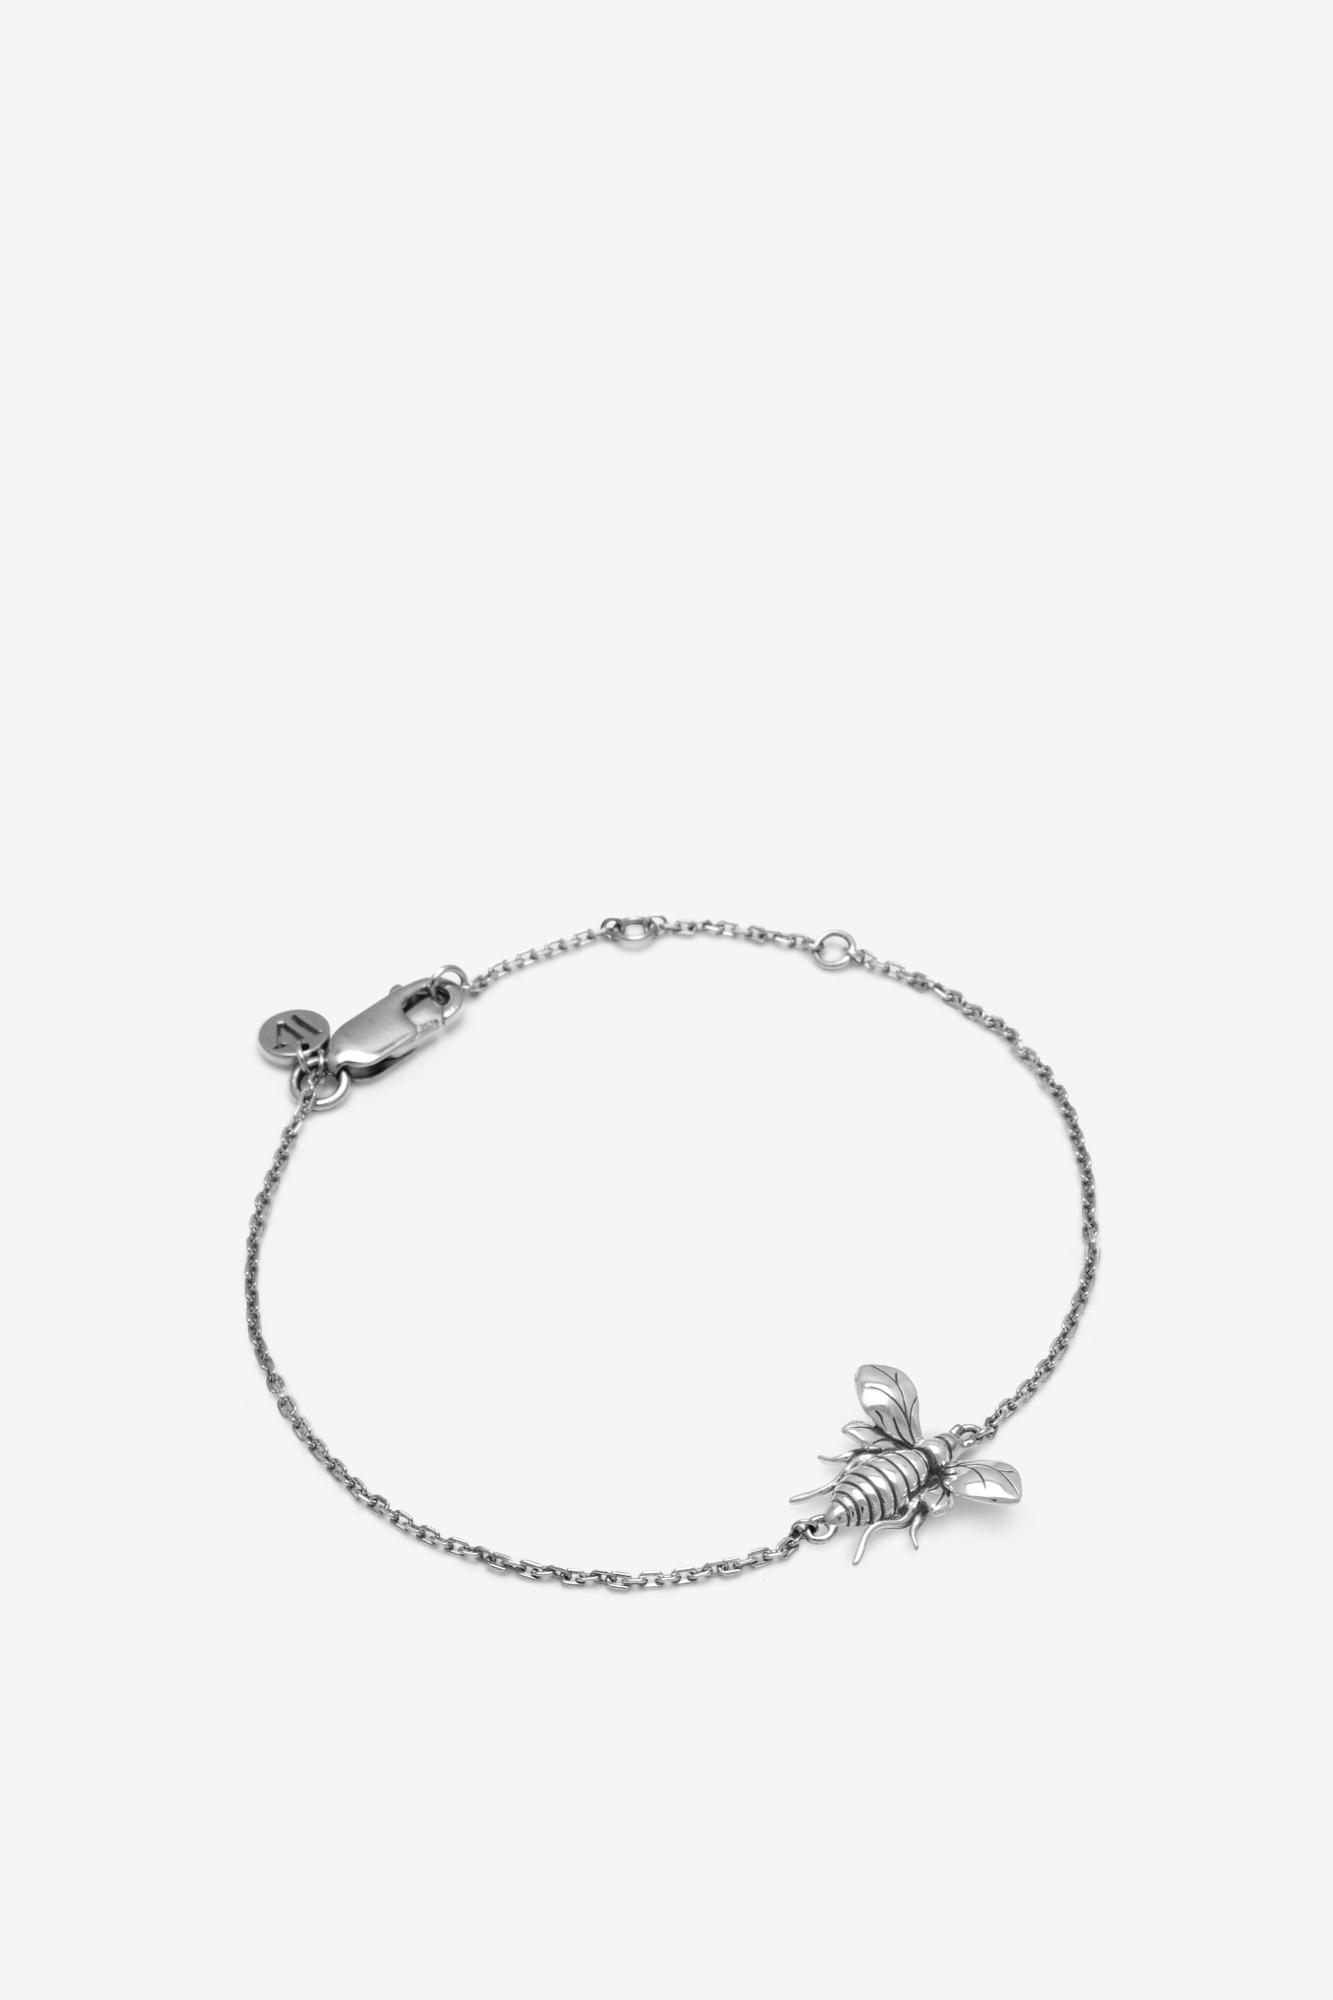 19-03-5-1-004-114-12_Bee Bracelet_Silver_04